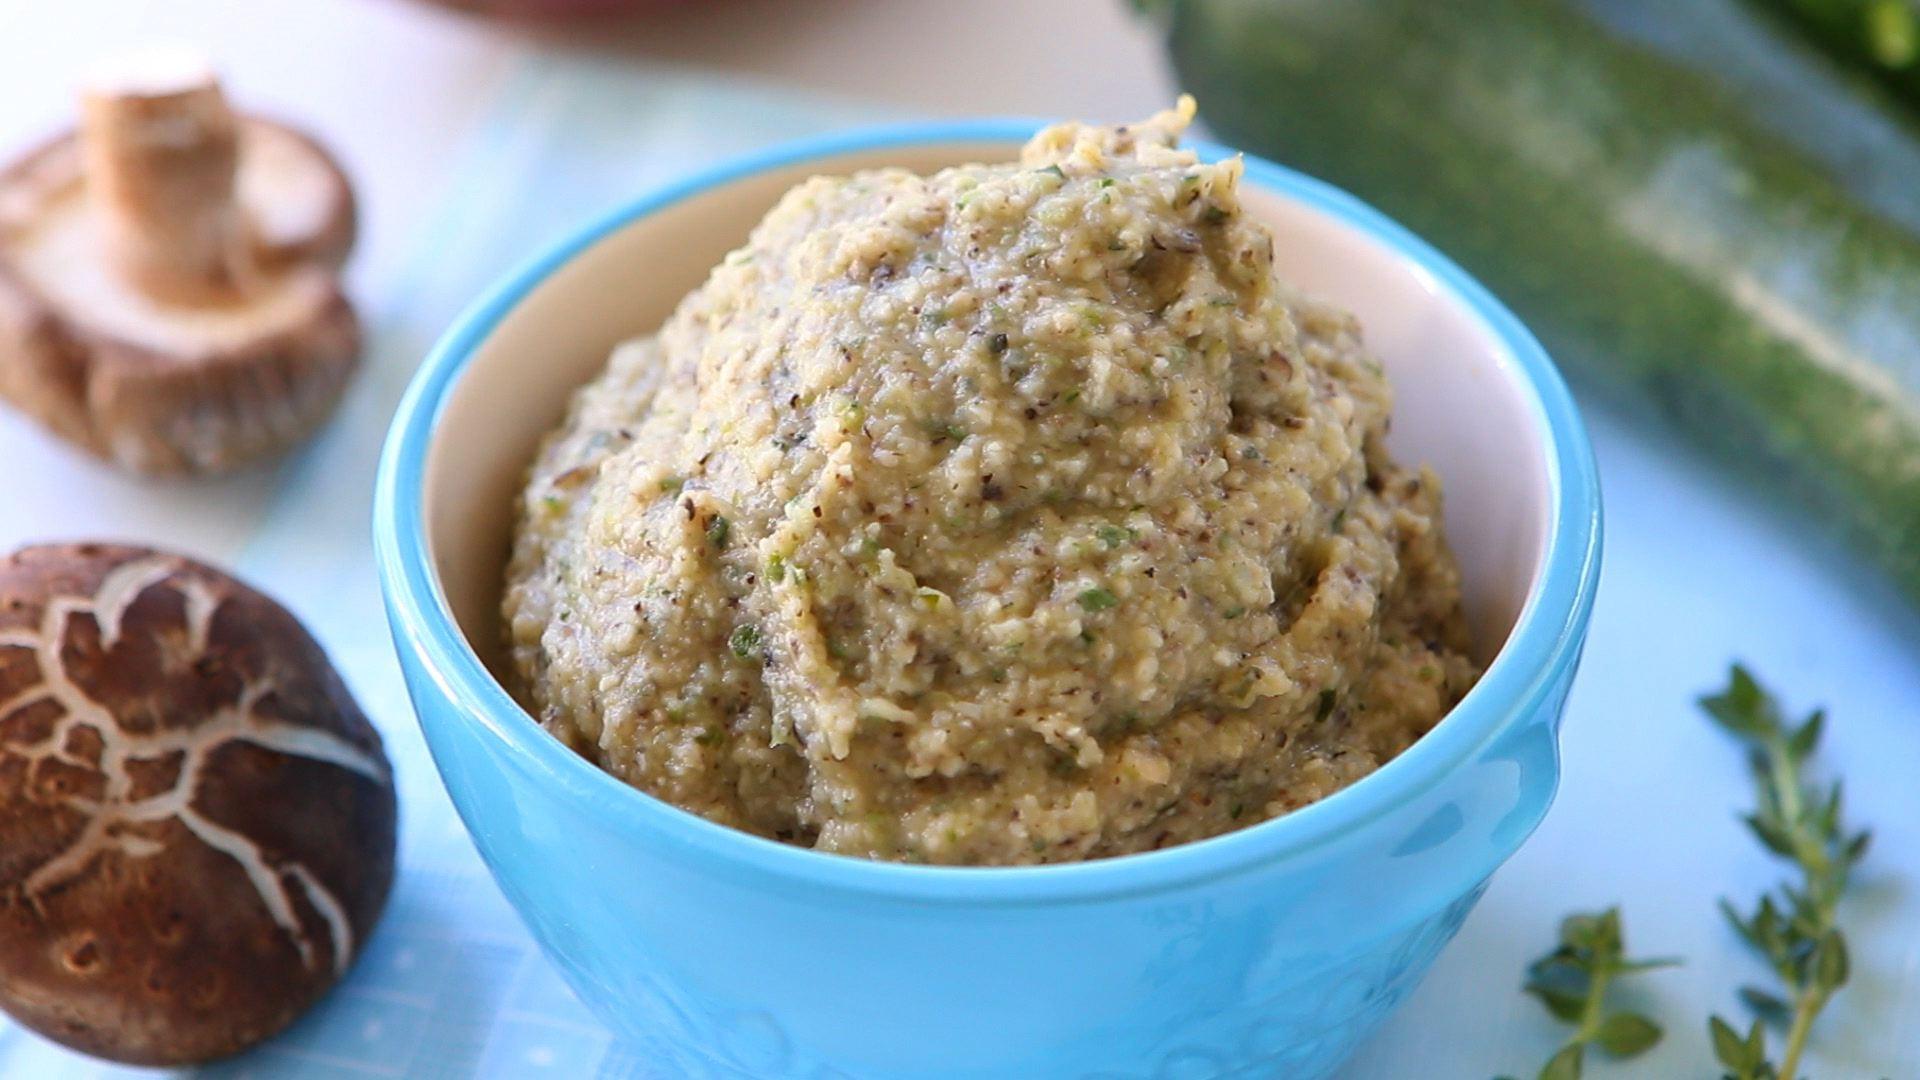 Mushroom zucchini and sweet potato baby puree'